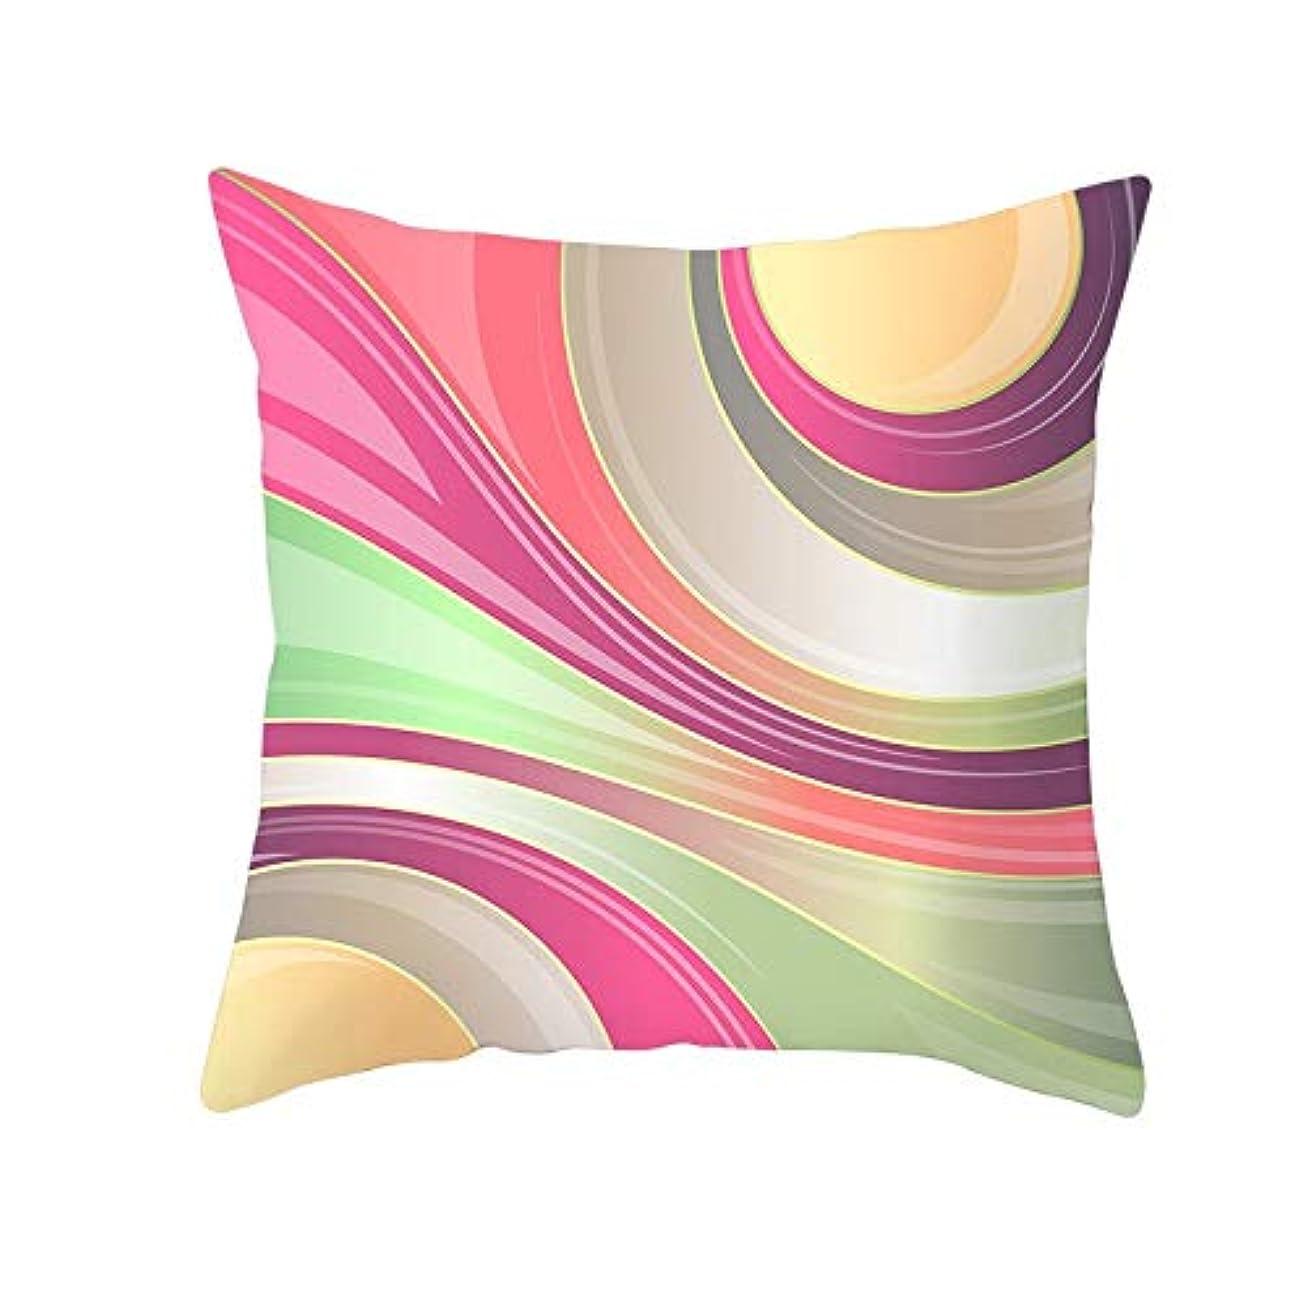 スポンジ海洋のペットLIFE 装飾クッションソファ 幾何学プリントポリエステル正方形の枕ソファスロークッション家の装飾 coussin デ長椅子 クッション 椅子